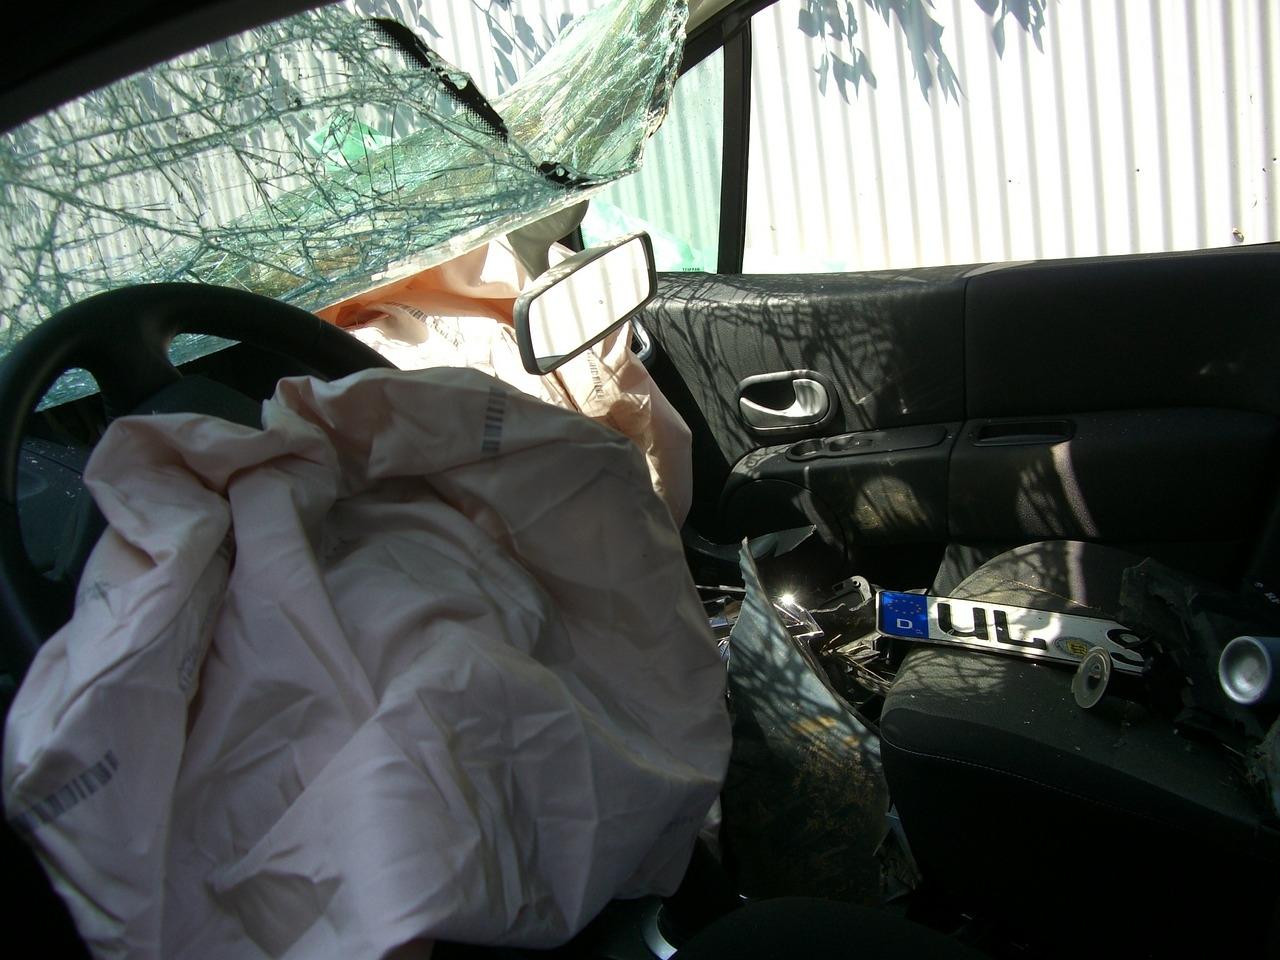 Aproximadamente 93% dos acidentes acontecem por falha humana.Saiba como algumas práticas simples aumentam a segurança nos carros.